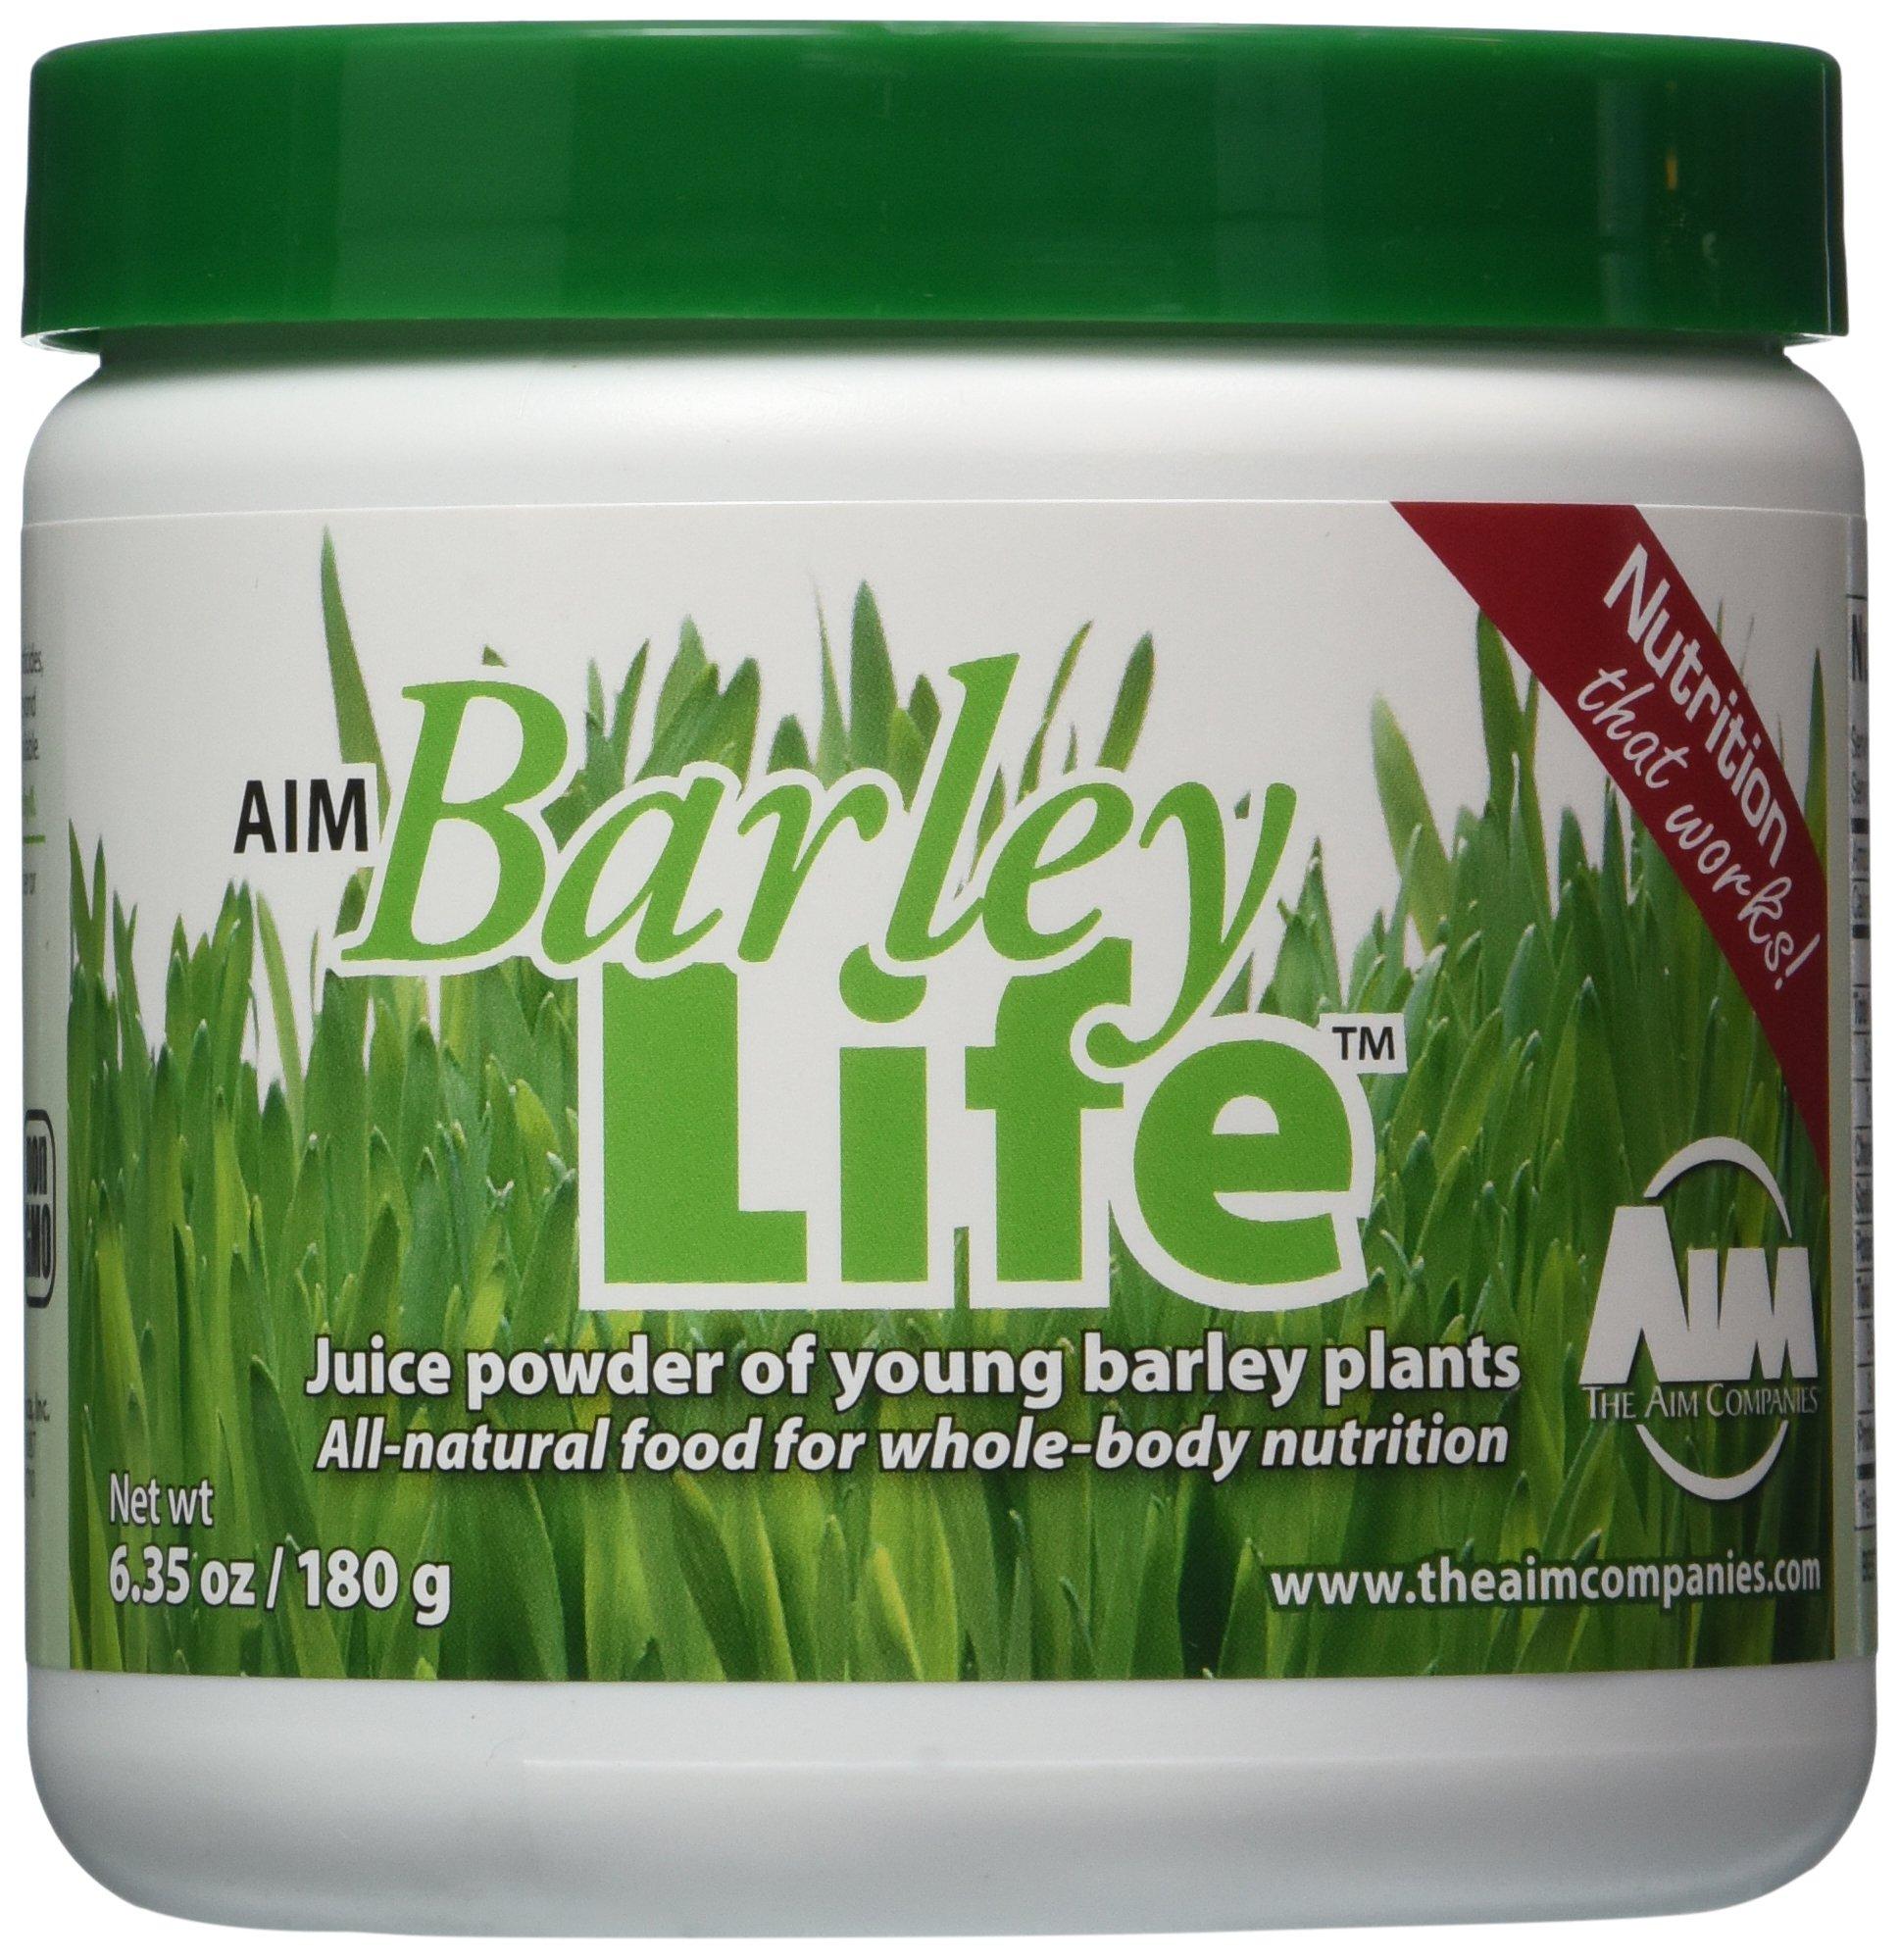 Barleylife